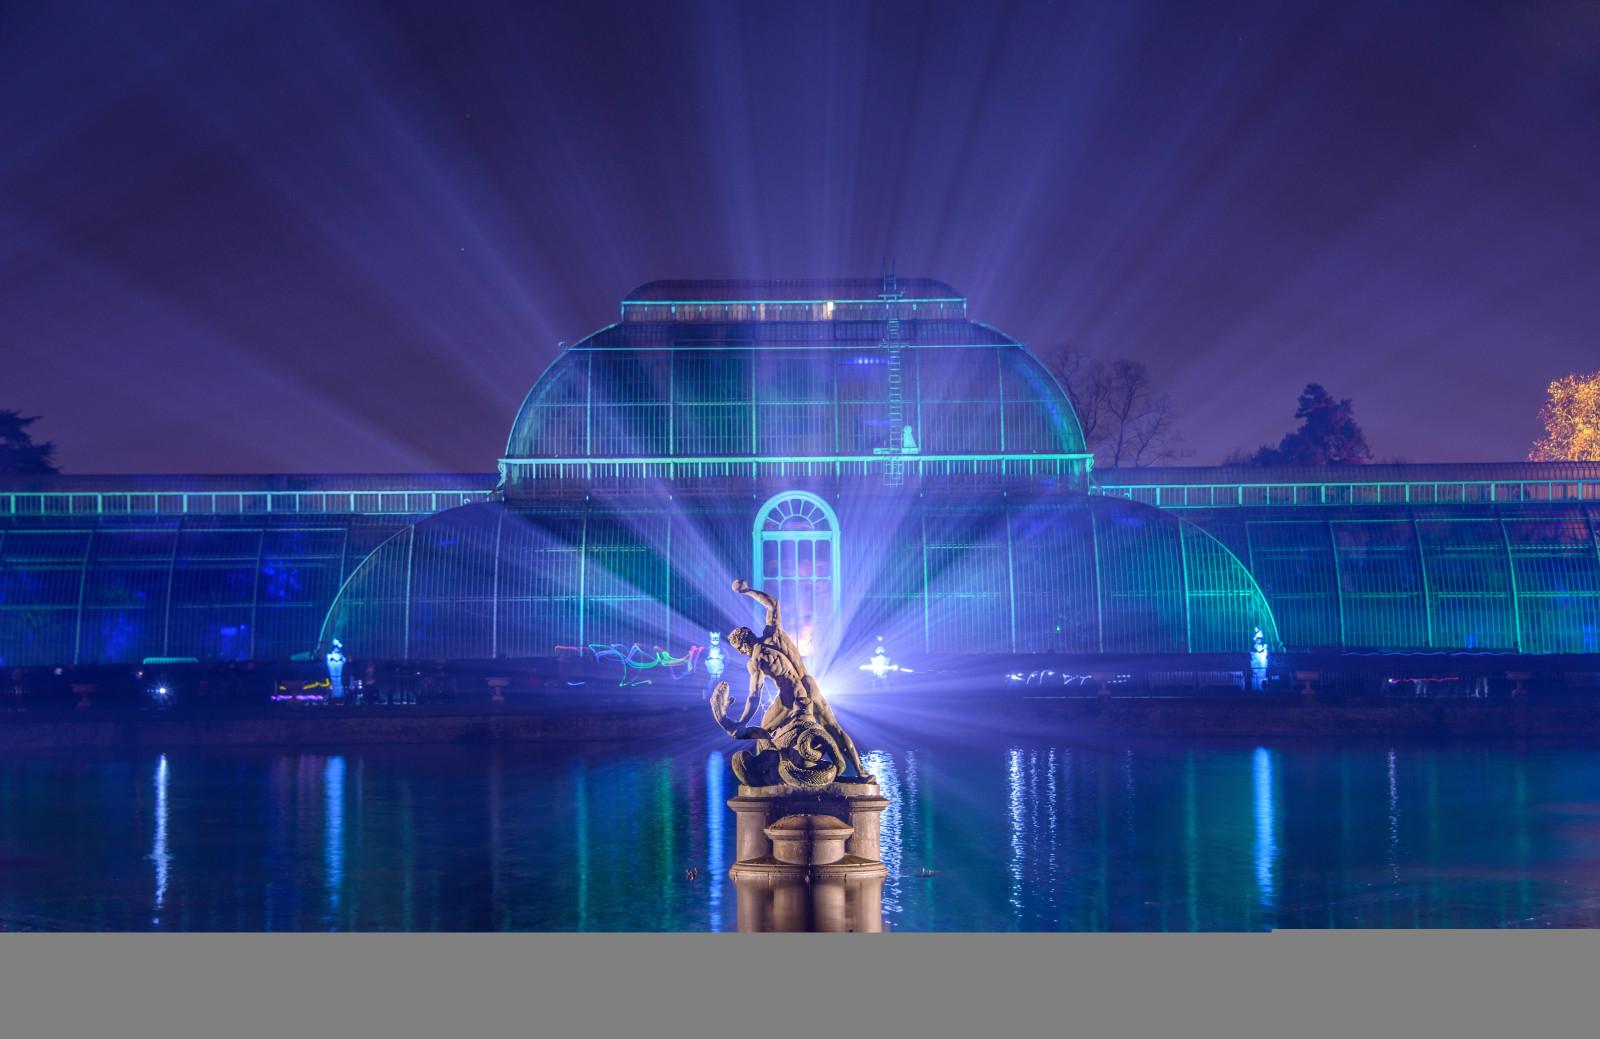 hintergrundbilder london stadtbild nacht betrachtung wolkenkratzer weihnachten licht. Black Bedroom Furniture Sets. Home Design Ideas